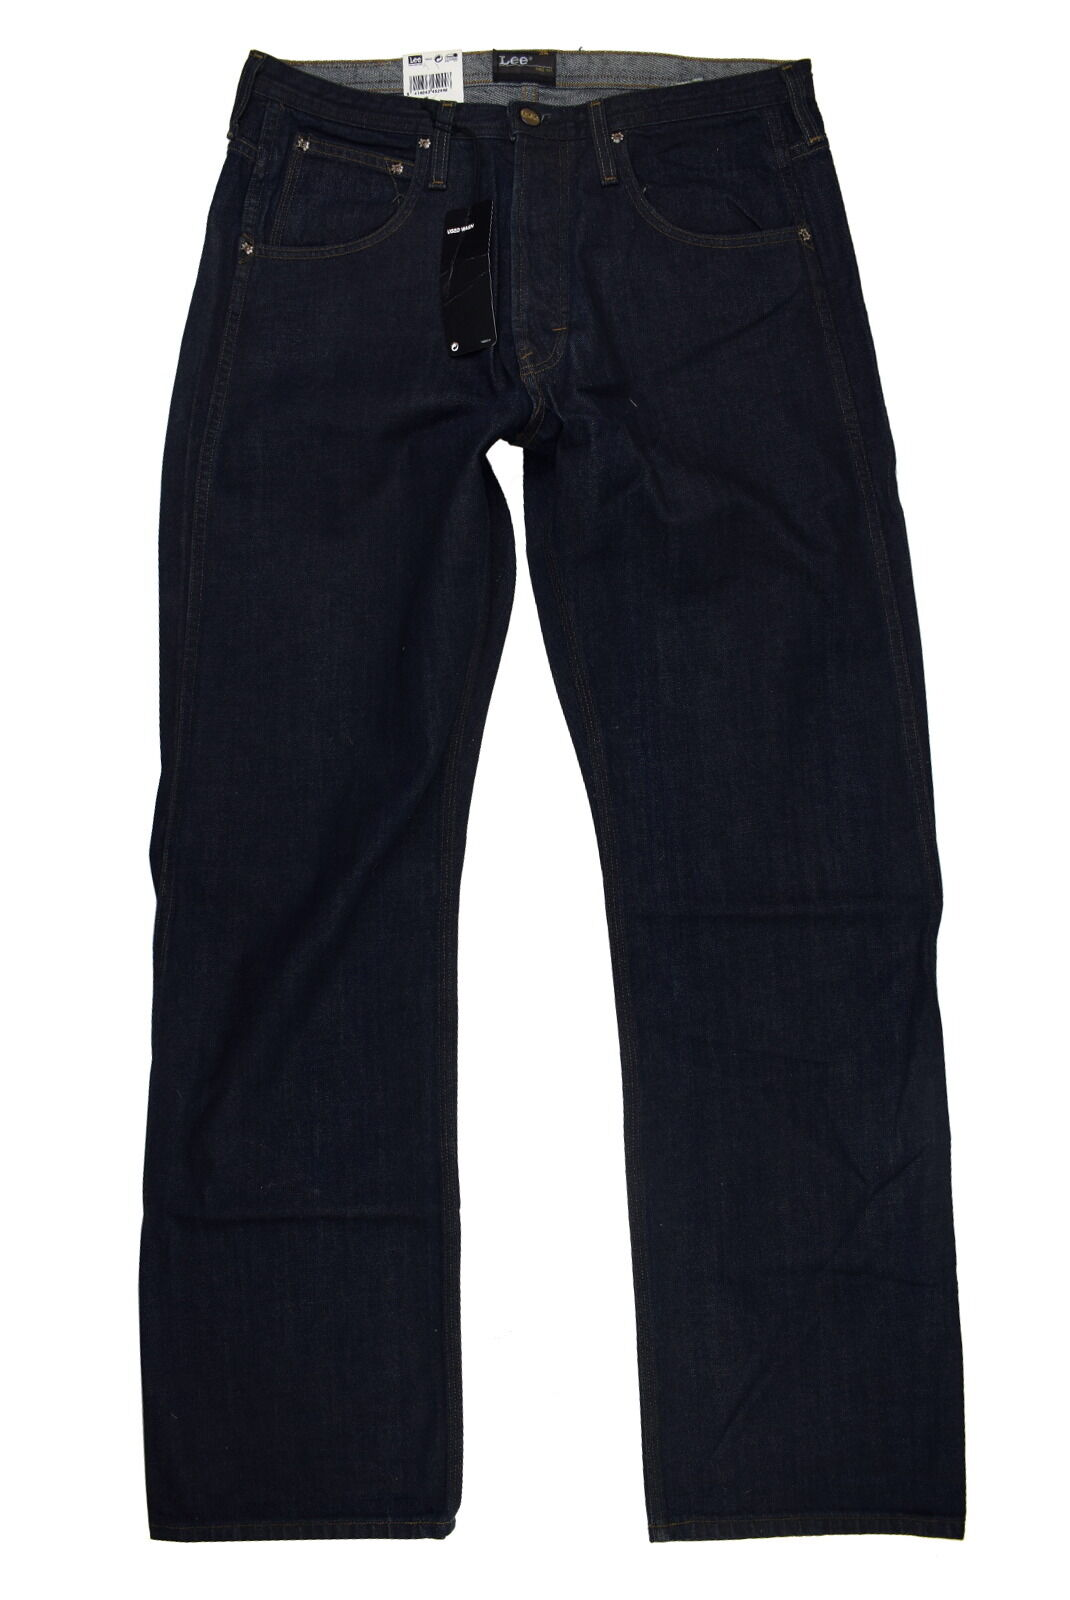 LEE L791CPVD Pete B Loose Straight Jeans W32 L32; W 32 L 32 Dunkelblue - NEU